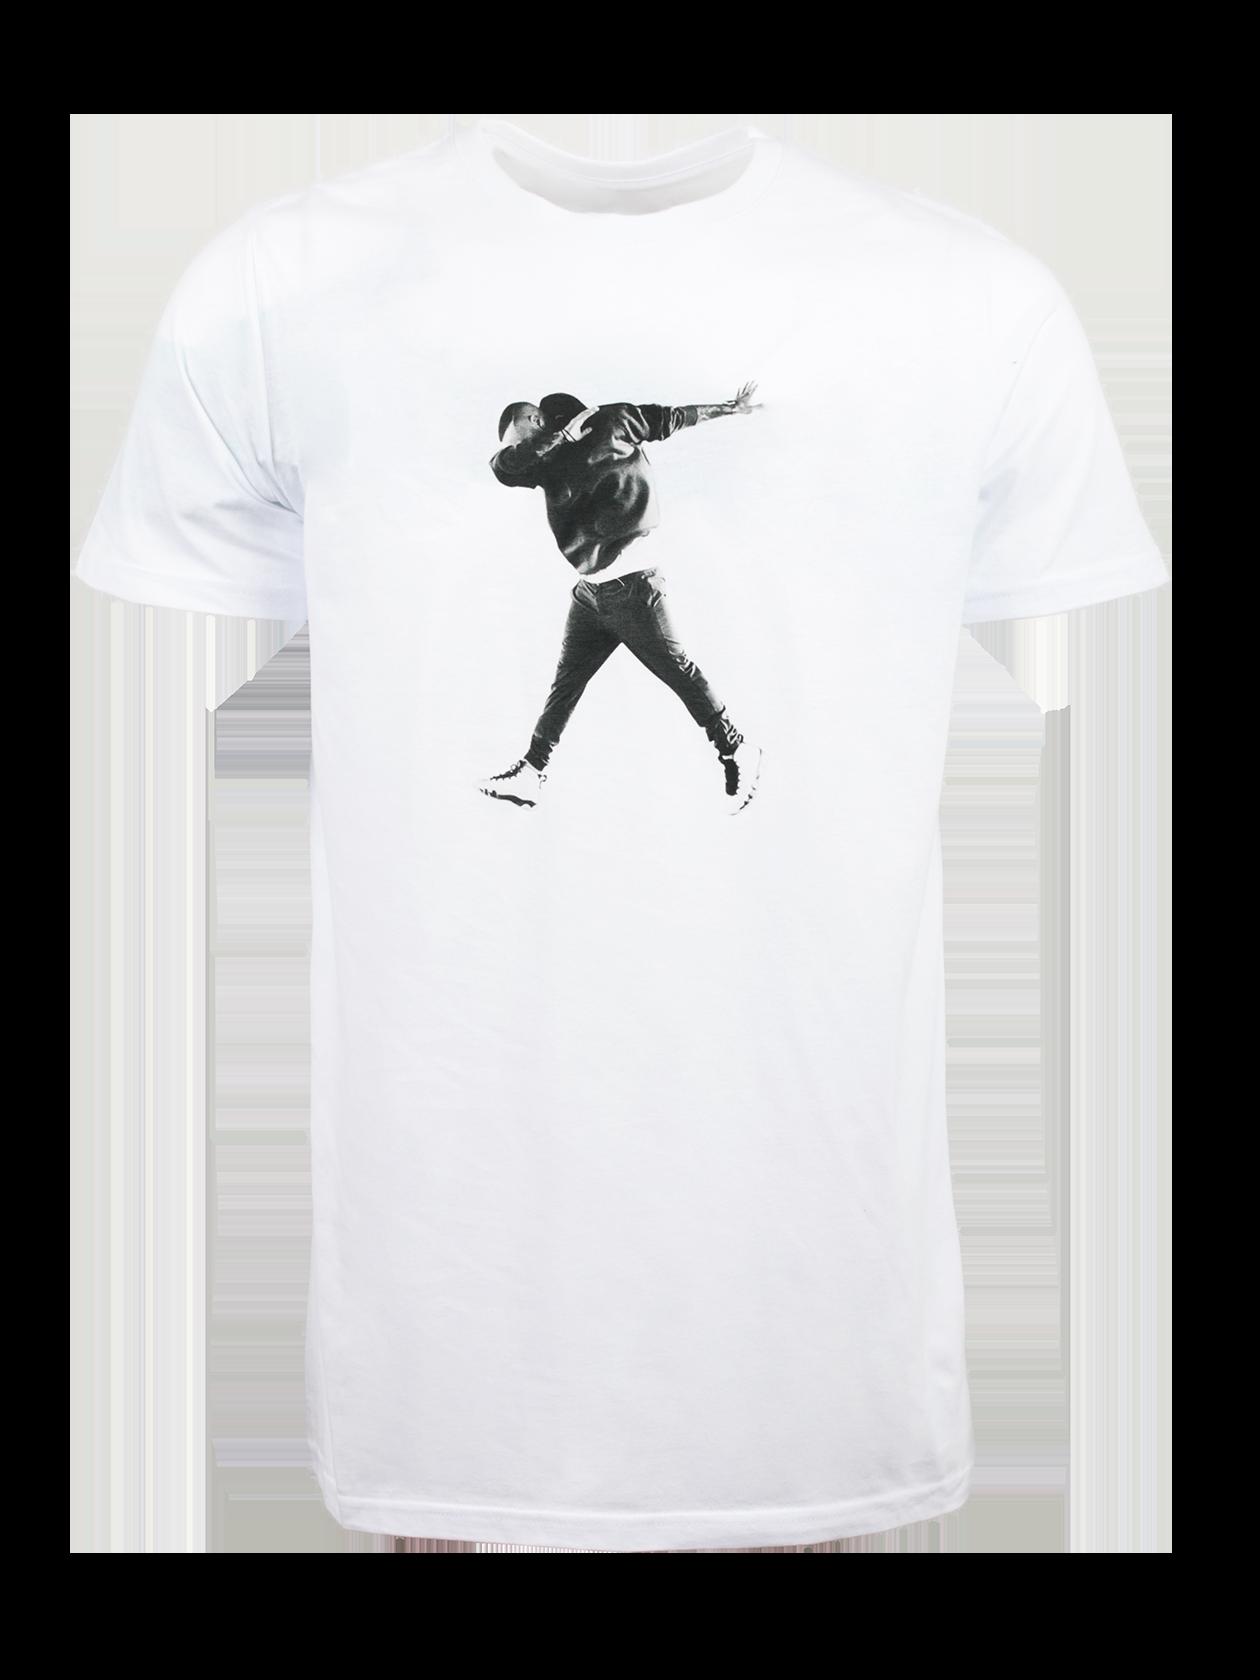 Футболка унисекс LONEВ мерче популярного артиста L`one Гравитация представлена стильная футболка унисекс L`one. Модель базового белого цвета, лаконичного дизайна идеально впишется в гардероб активных молодых людей. Крой прямой, полусвободный, с удлиненной формой низа. Круглая неглубокая горловина содержит фирменный лейбл бренда Black Star Wear с внутренней стороны. Оригинальная деталь – принт с изображением L`one спереди. Футболка изготовлена из люксового хлопка, выделяется практичностью и комфортностью.<br><br>Размер: XS<br>Цвет: Белый<br>Пол: Унисекс